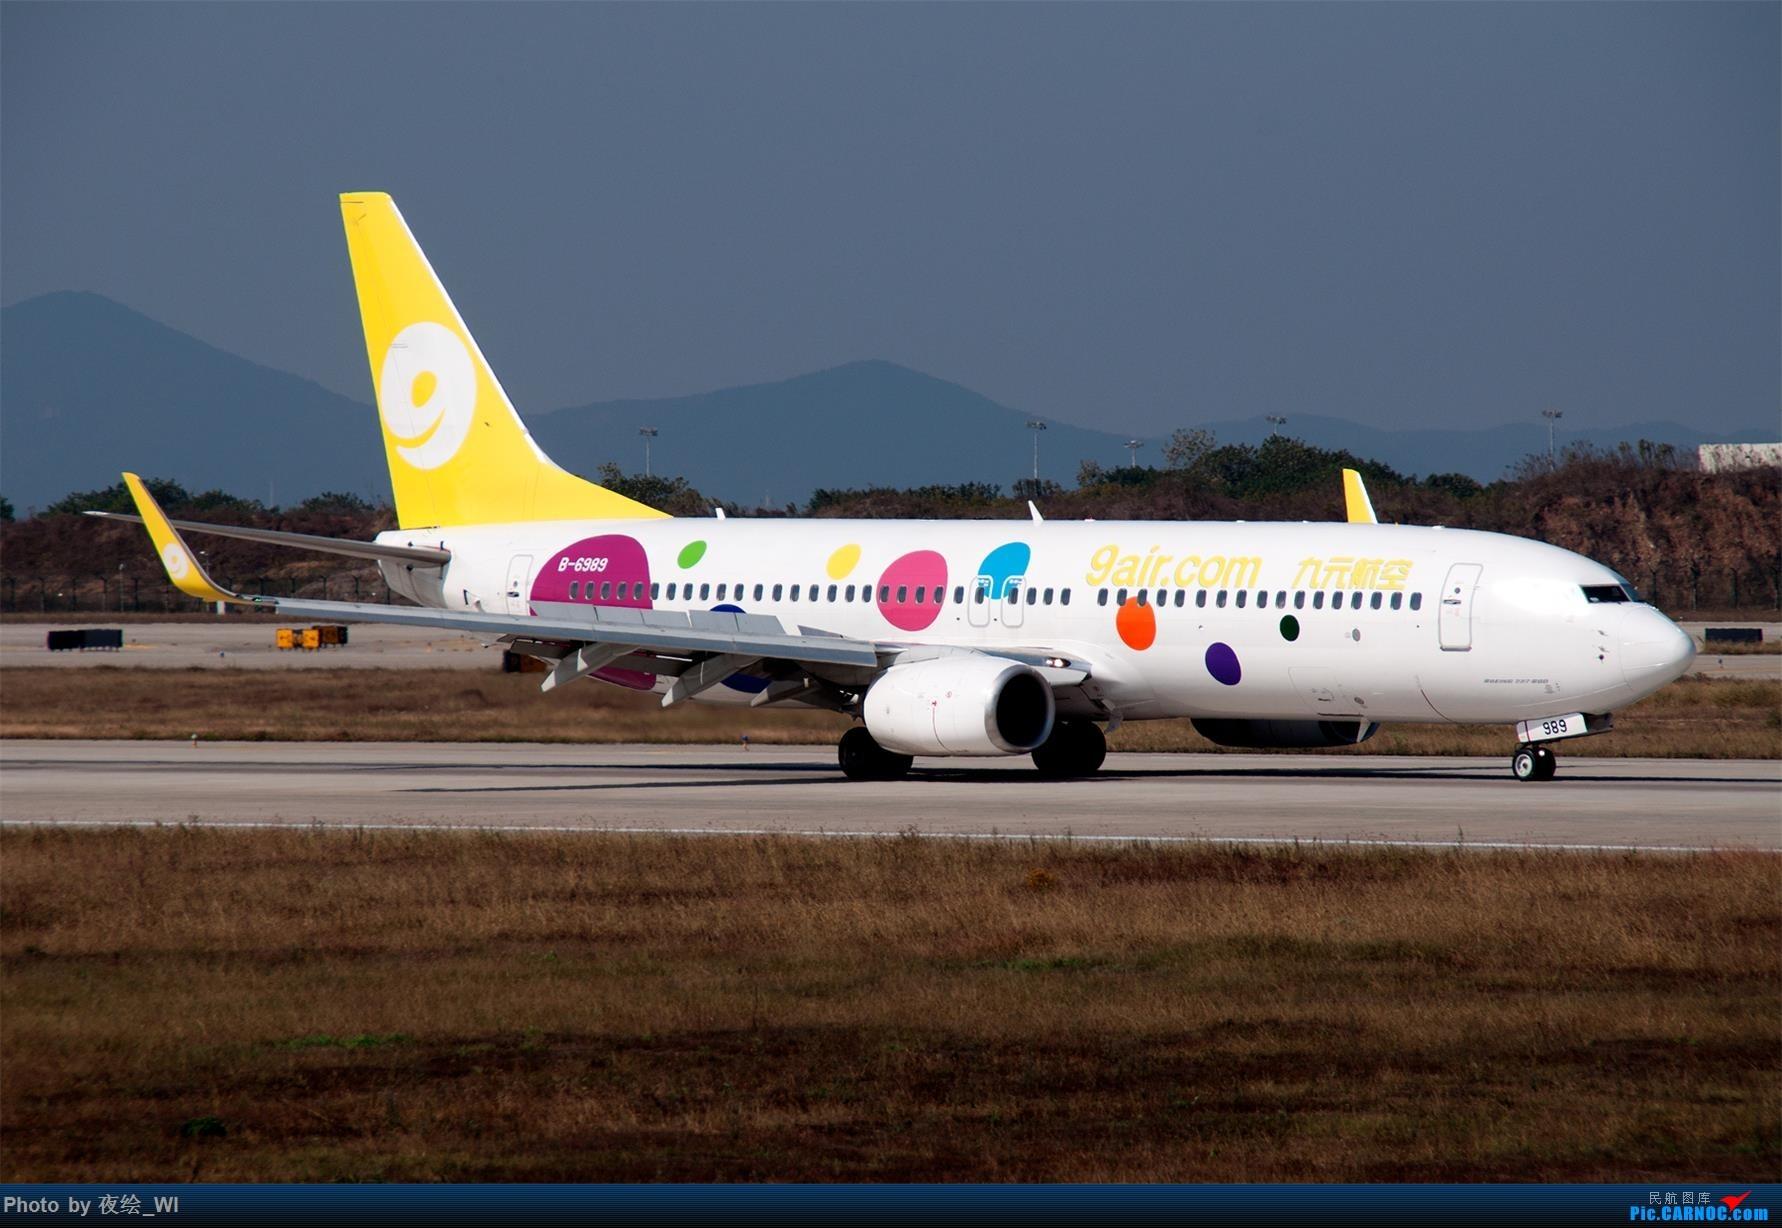 [原创]【NKG】1800*1200,周末随便拍,意外等到好货 BOEING 737-800 B-6989 中国南京禄口国际机场